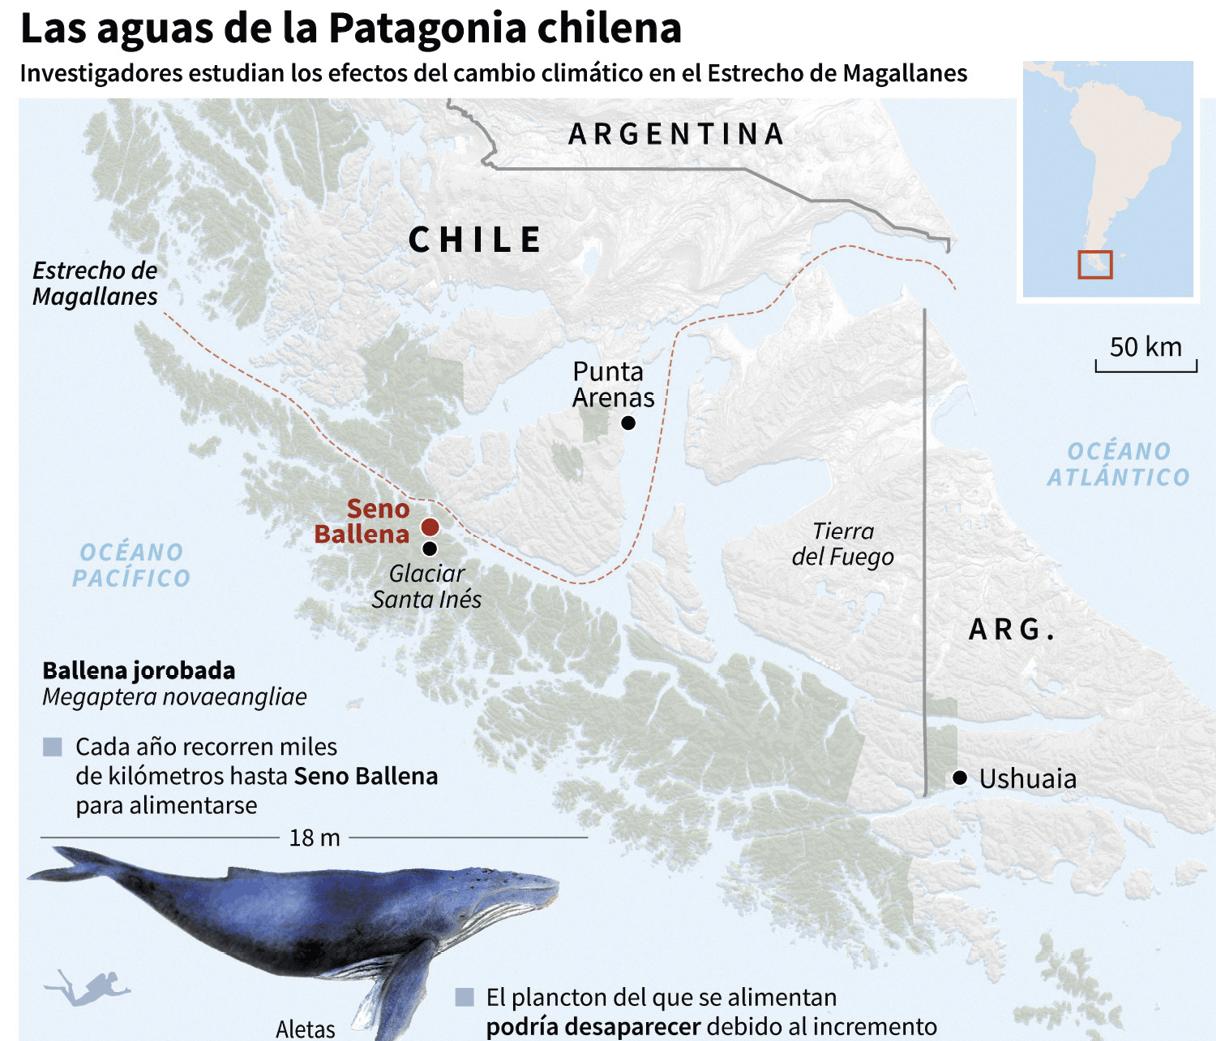 Mapa de la Patagonia chilena donde se señala la ubicación de Seno Ballena, Centro IDEAL/AFP, 2018